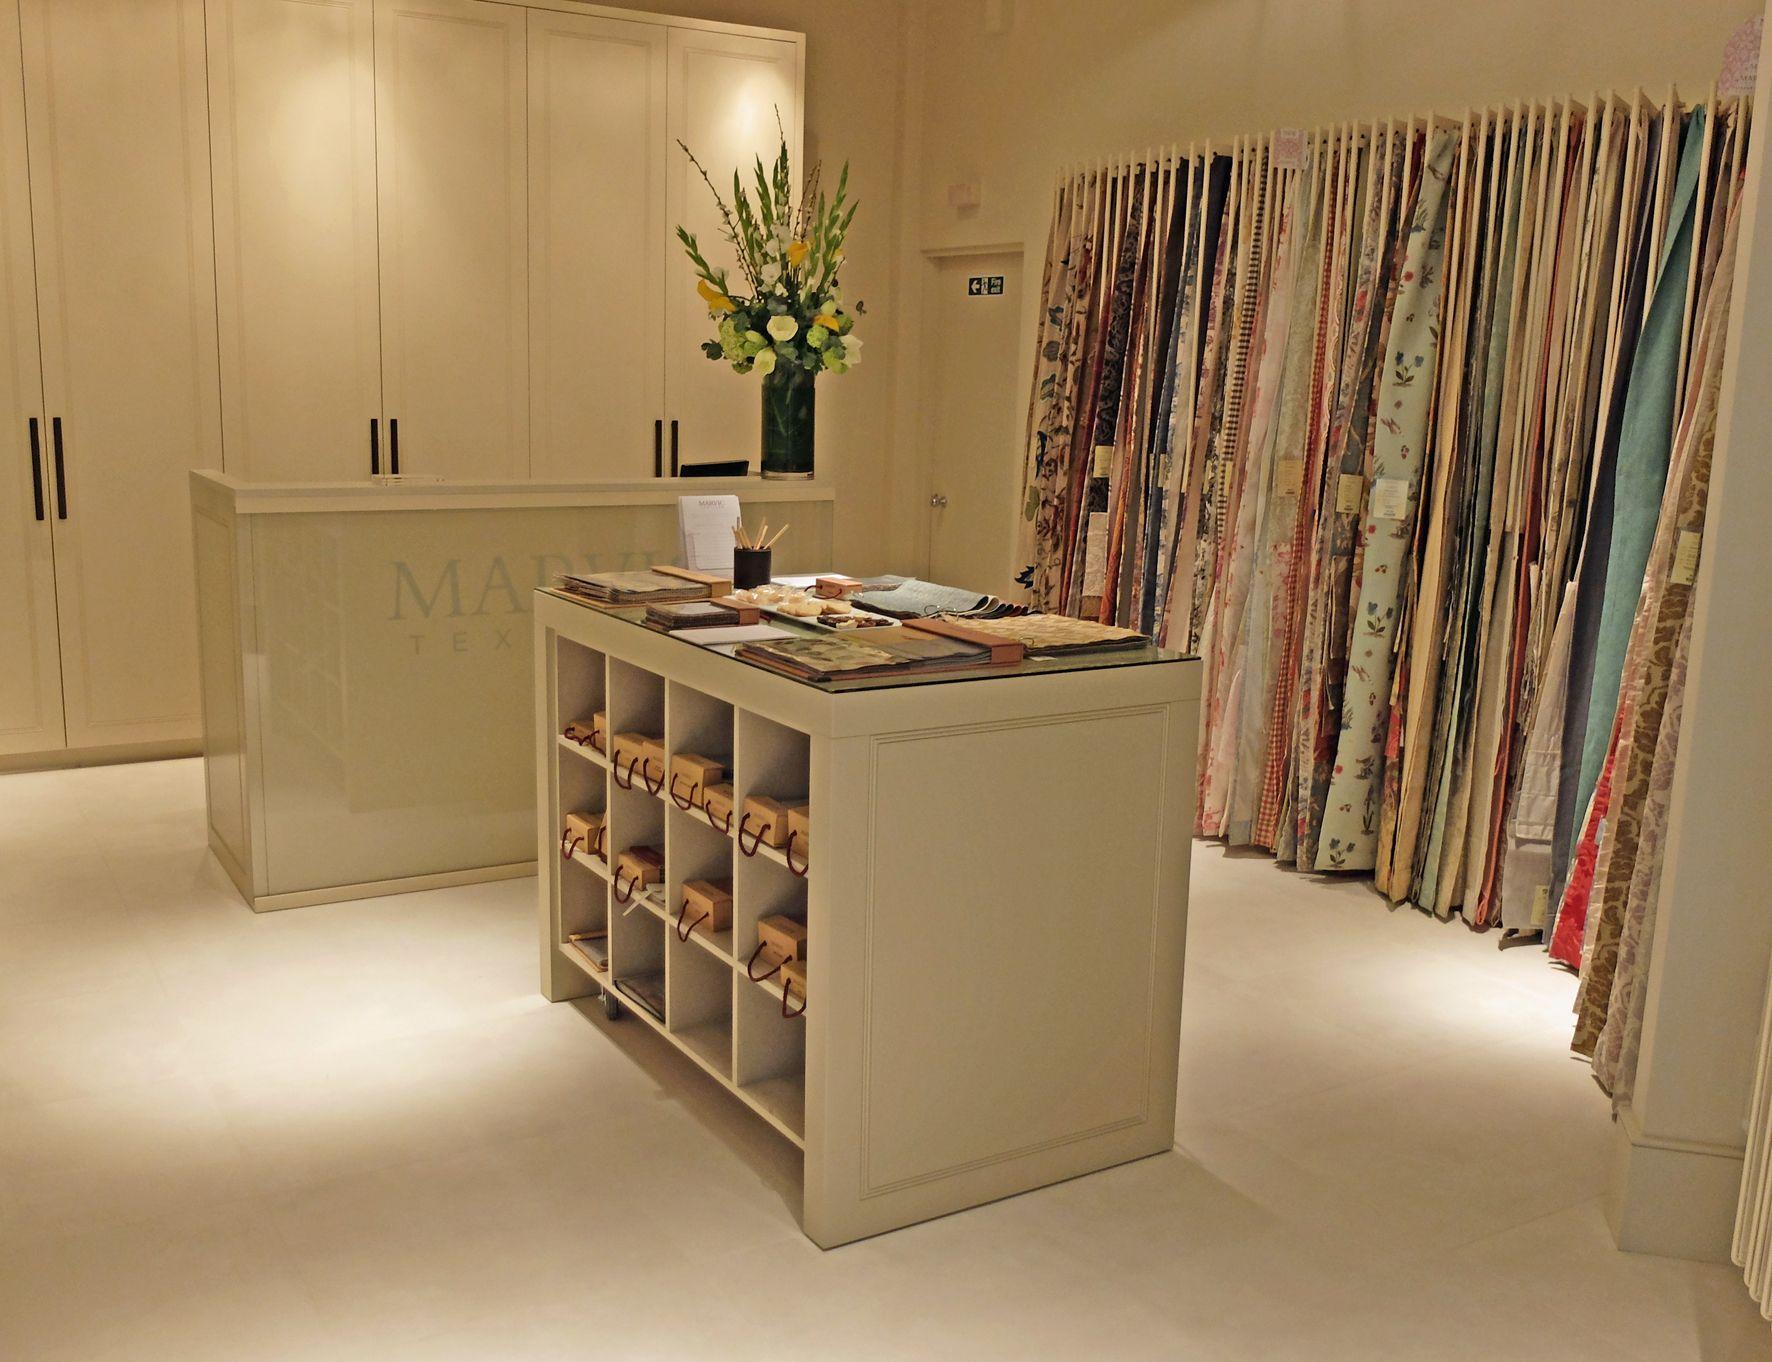 Marvic Textiles London showroom Design Centre Chelsea Harbour